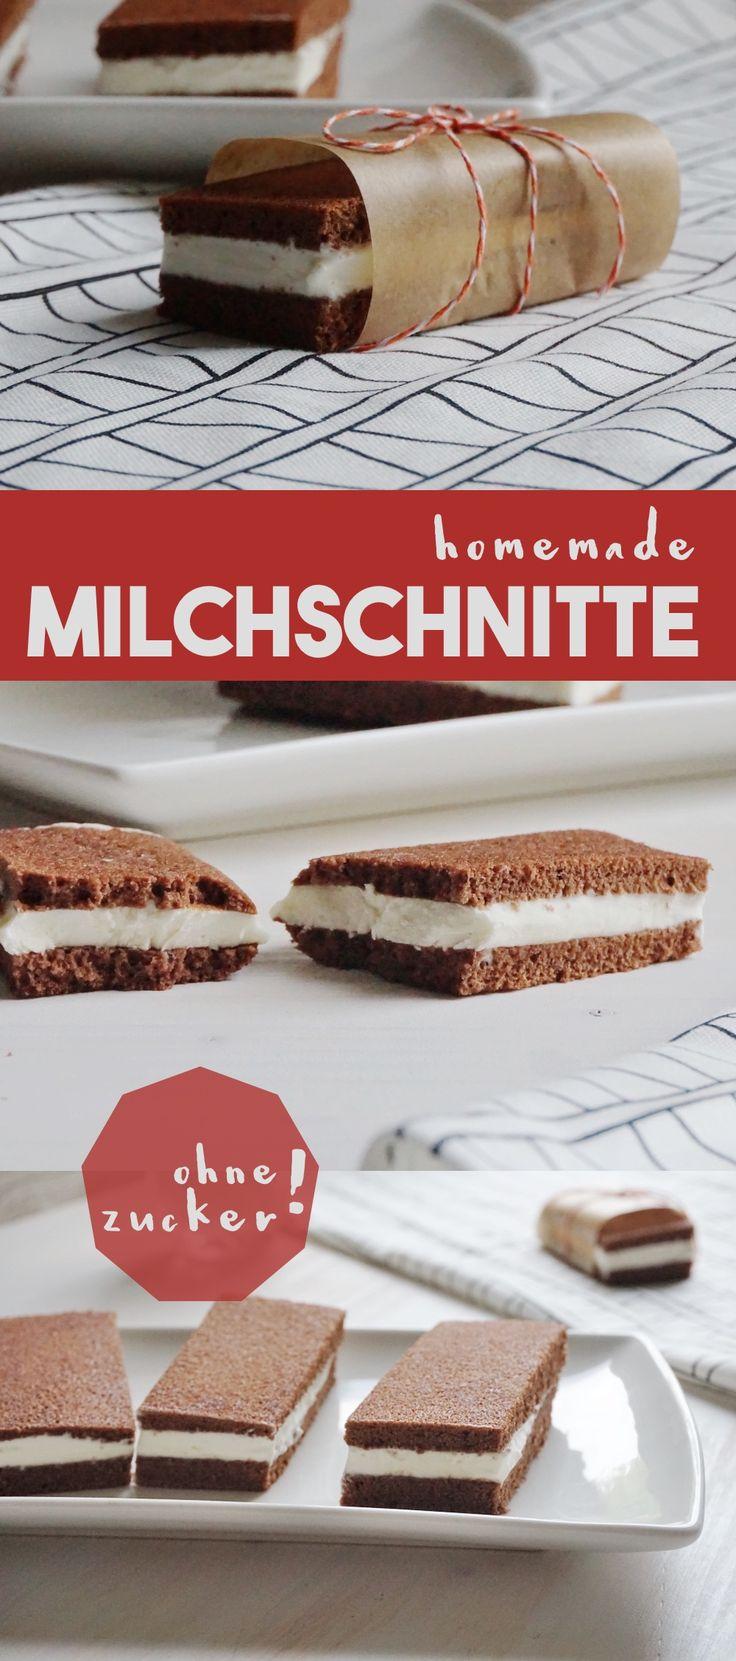 Milchschnitte ohne Zucker: einfach selbermachen! Gelingt auch als Eis-Sandwich! Toller Snack für Kinder.